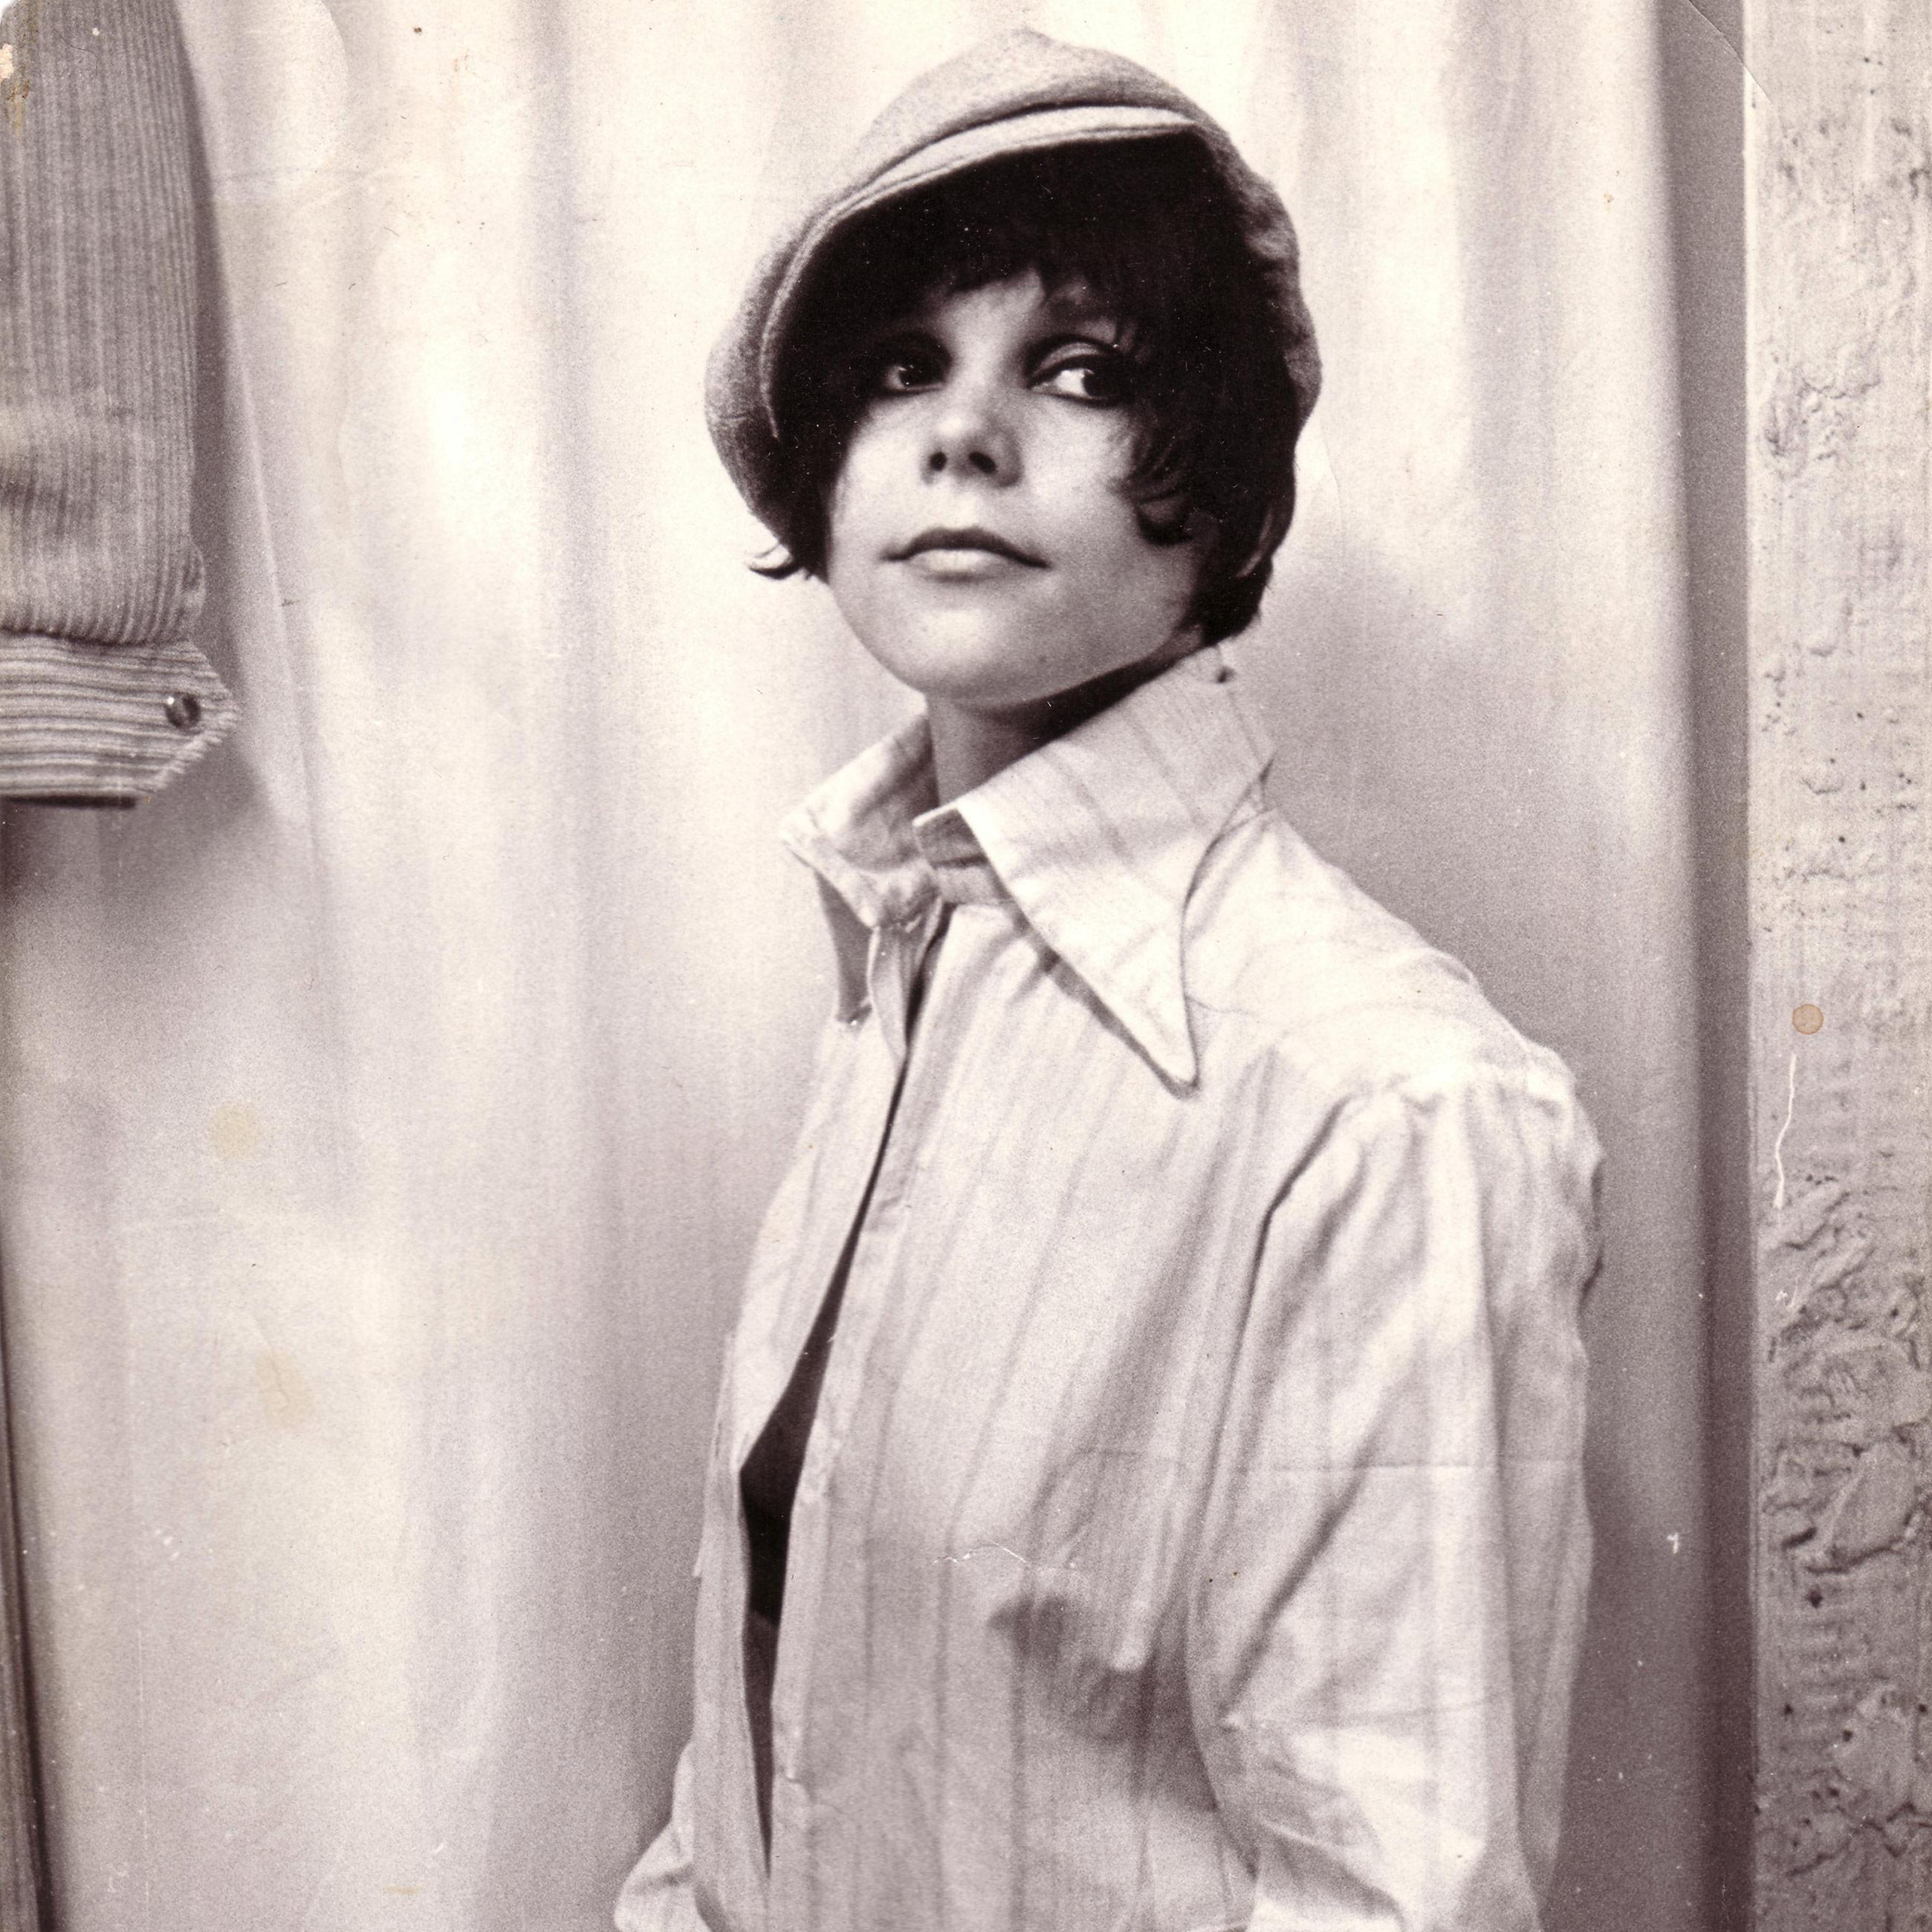 Foto van cannabislegende Mila Jansen genomen in 1967. Mila heeft kort haar, wat in die dagen modern was, en draagt een pet en een herenshirt.